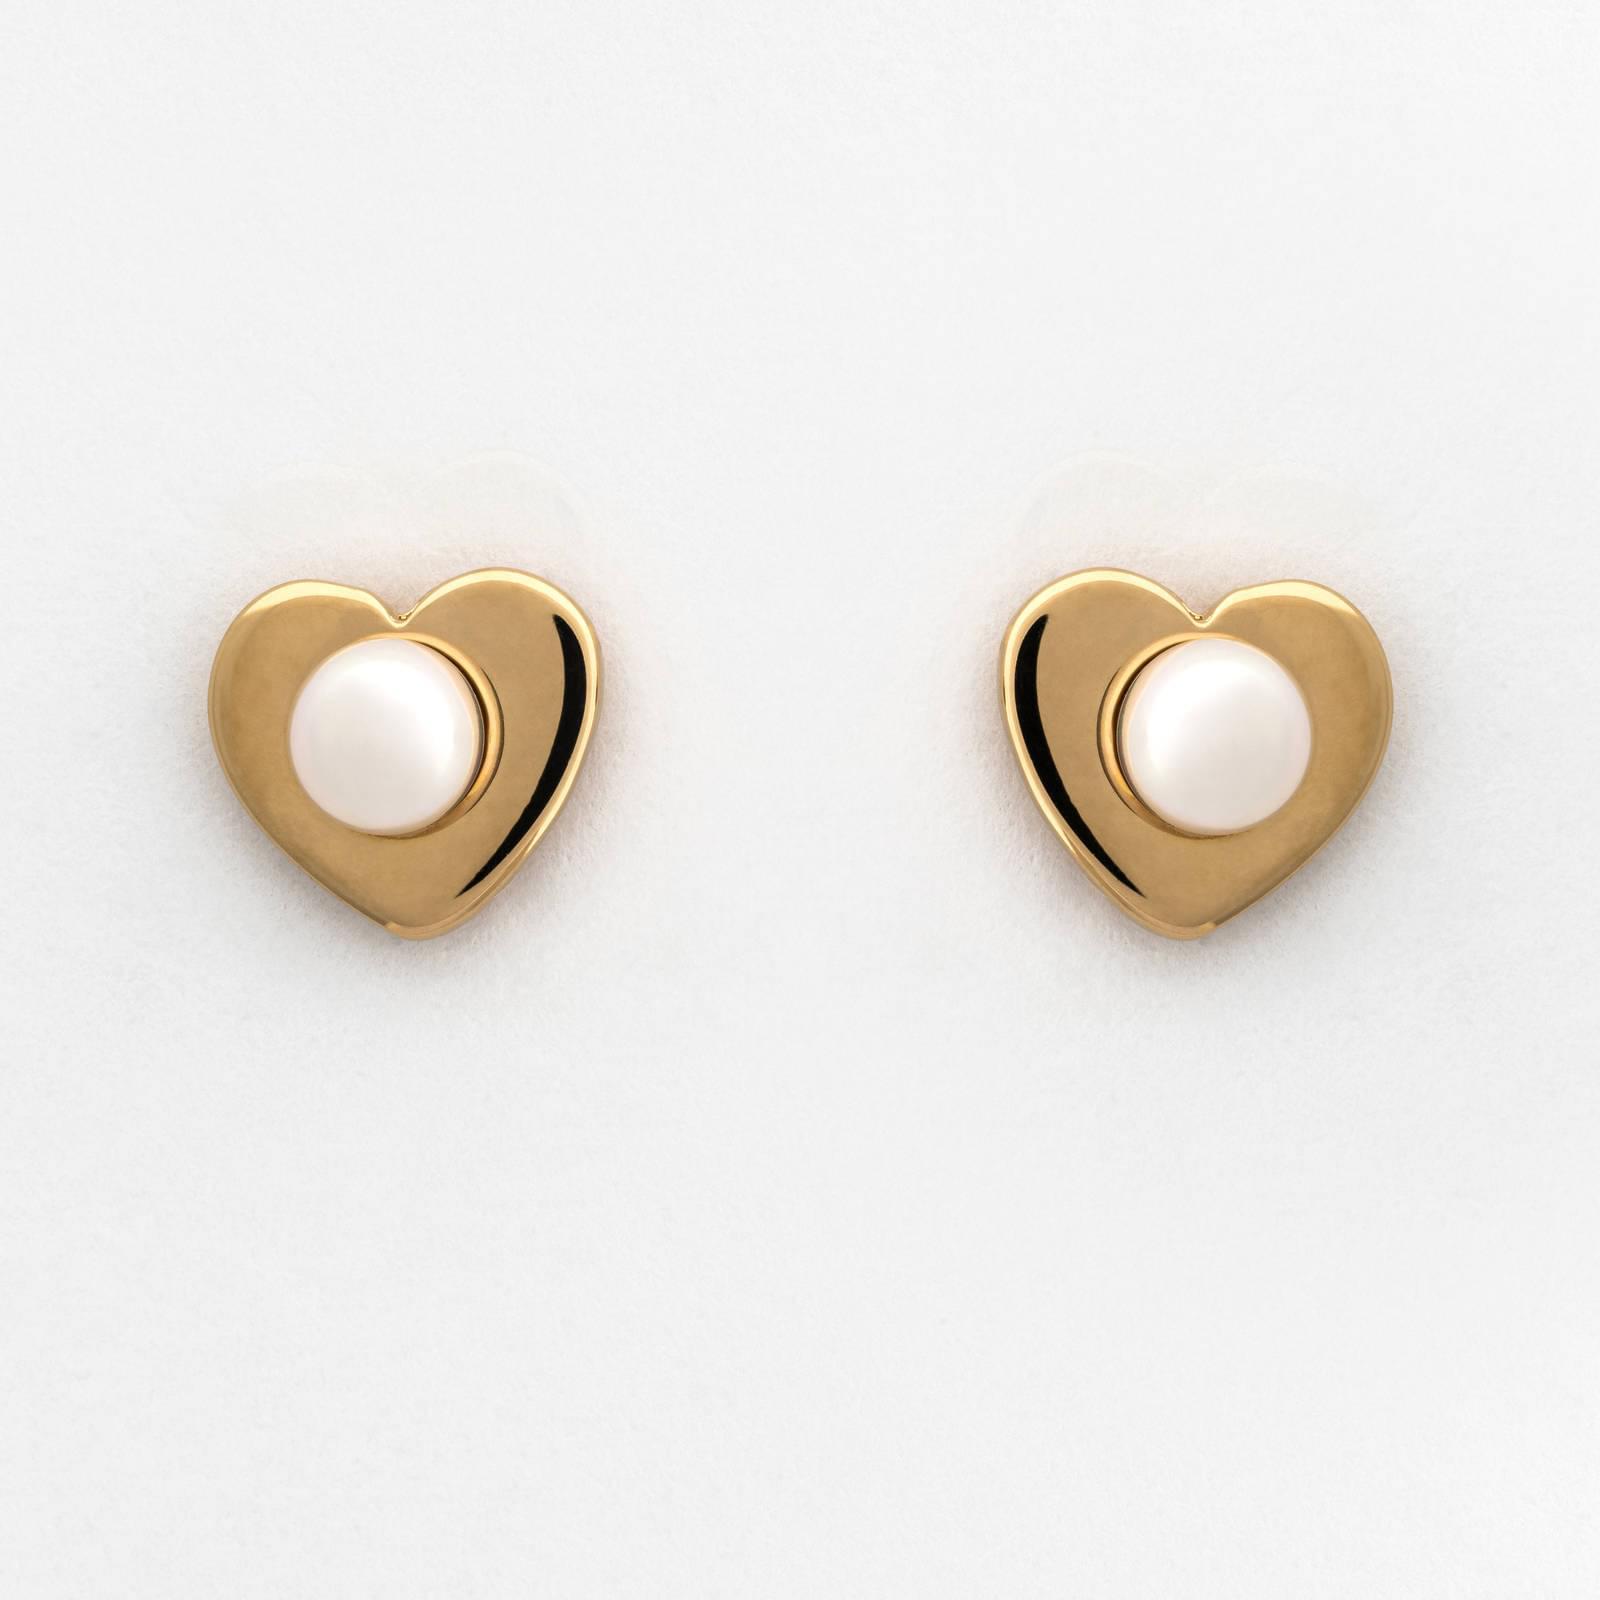 Brincos Heart - 16393.01.1